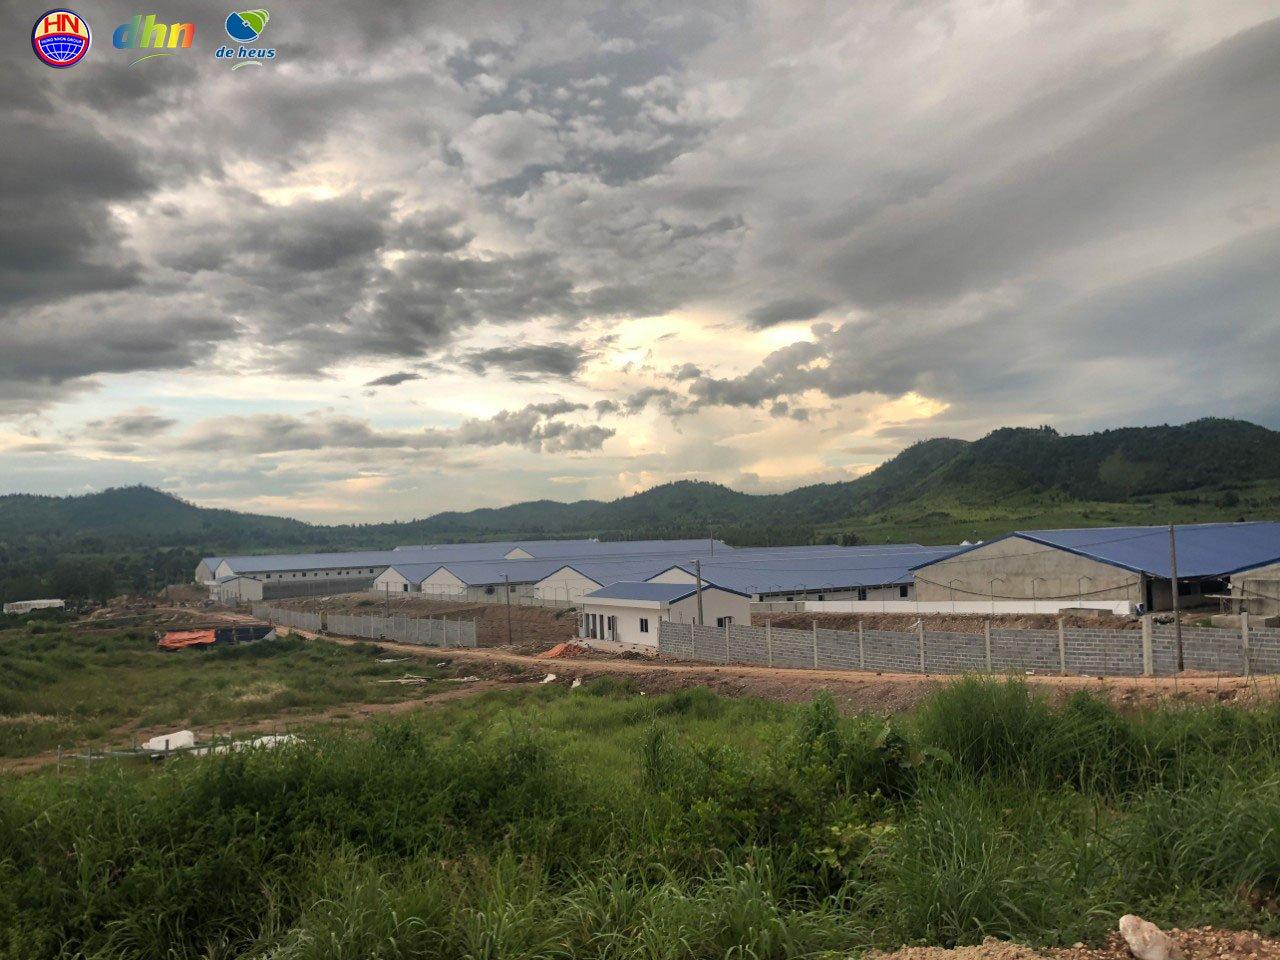 Đắk Lắk chuẩn bị có trại heo cụ kị 10.000 con, lớn nhất Tây Nguyên - Ảnh 1.